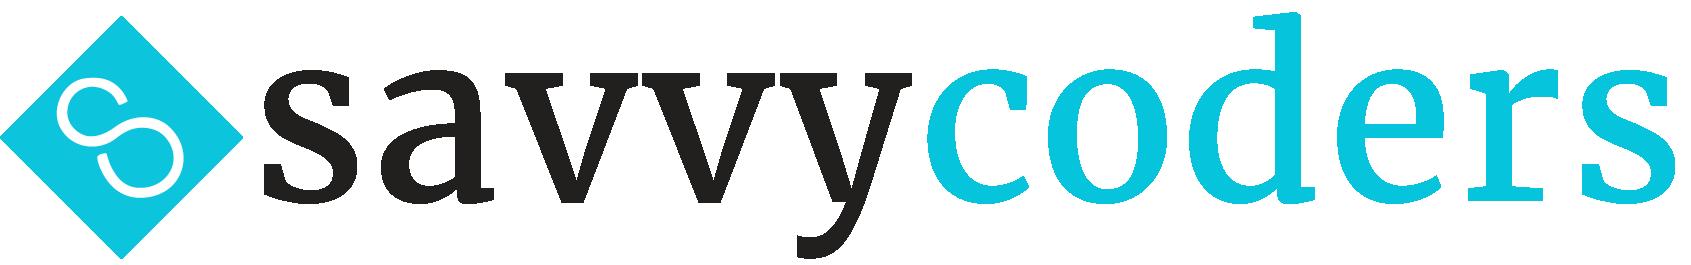 SavvyCoders